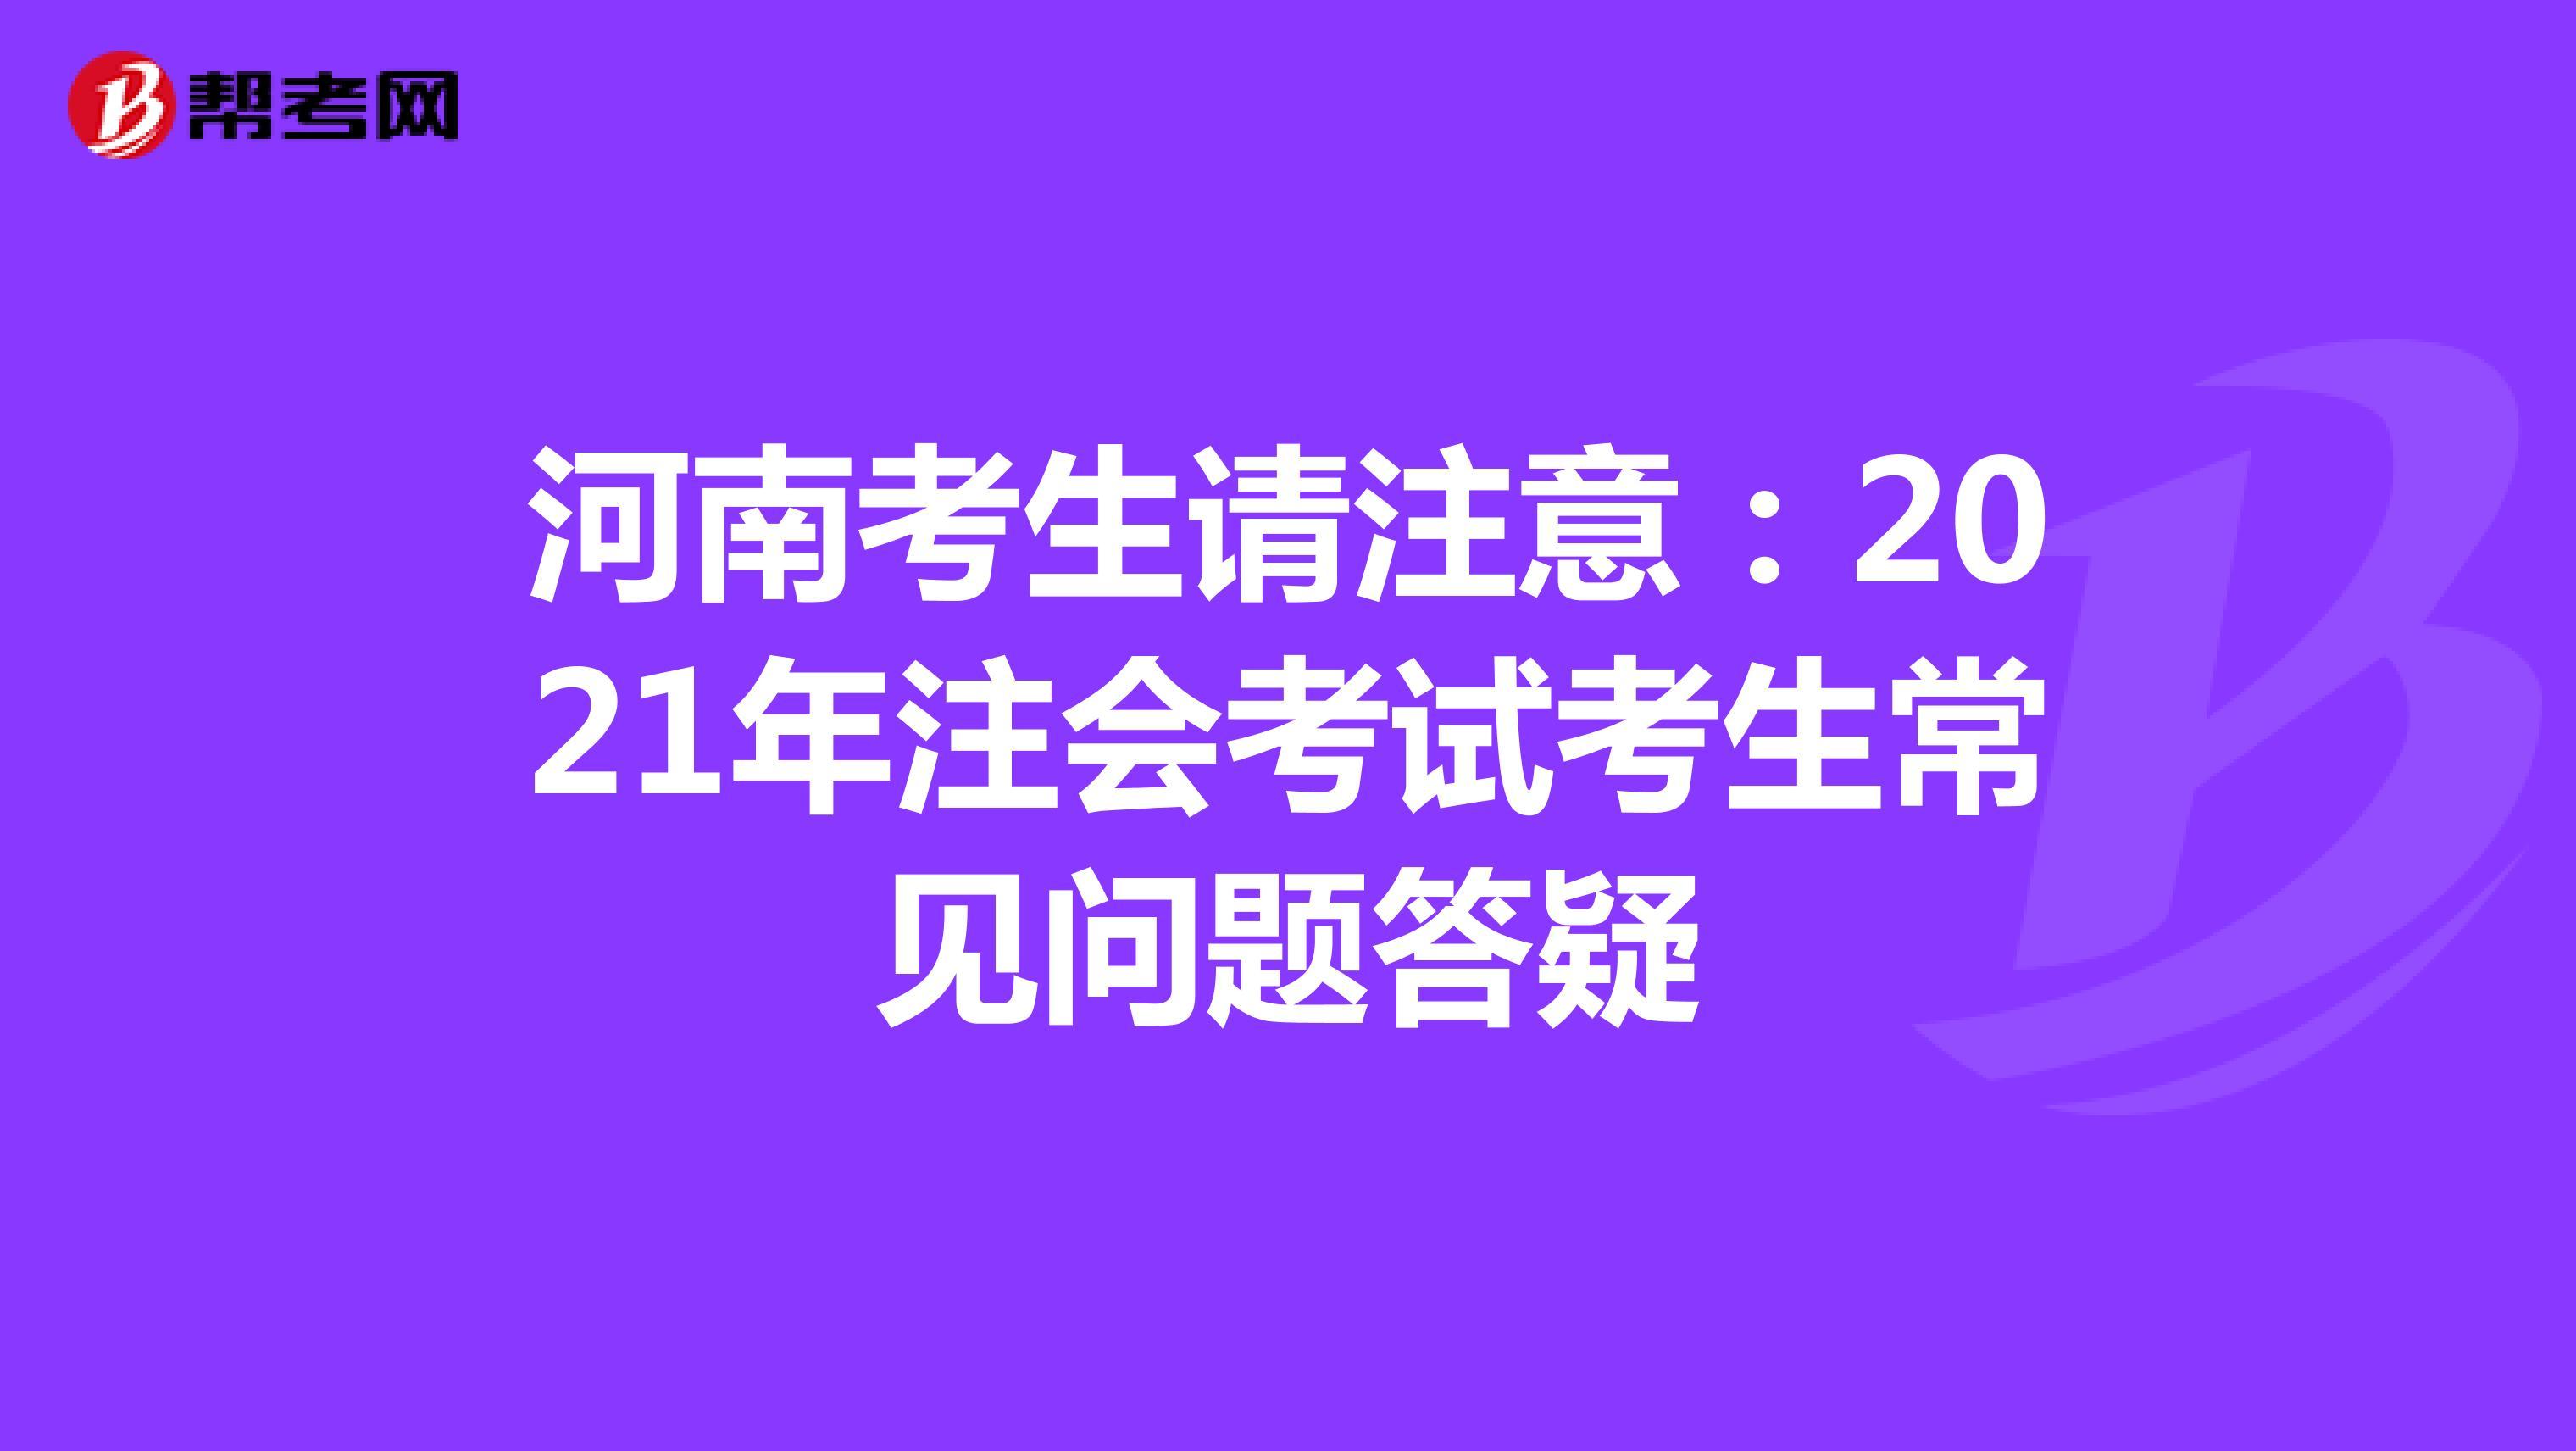 河南考生请注意:2021年注会考试考生常见问题答疑